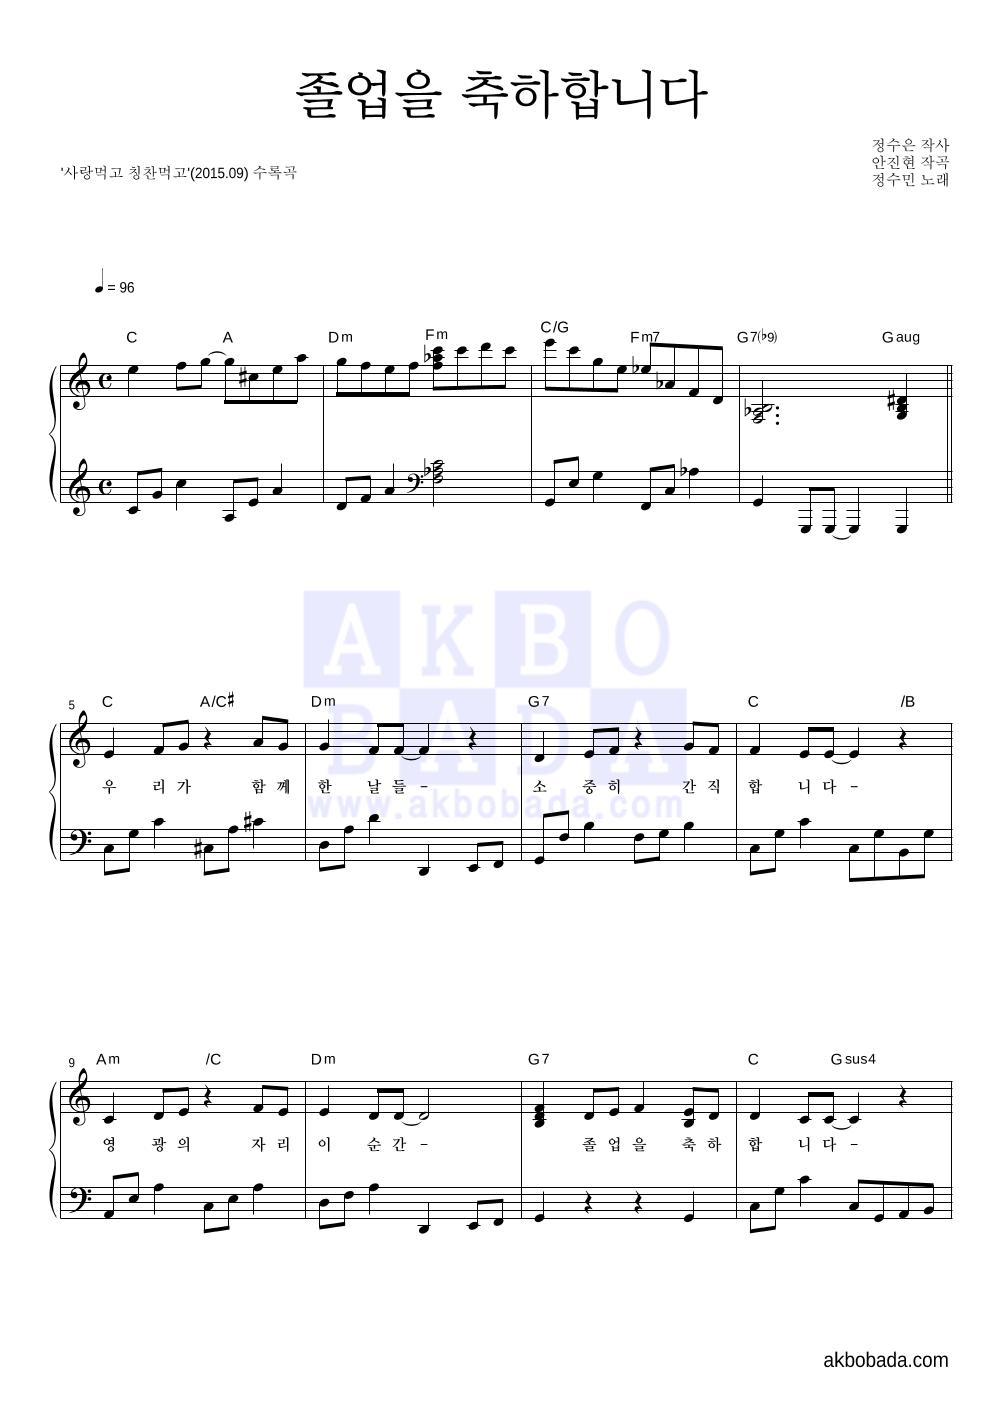 정수민 - 졸업을 축하합니다 (독창) 피아노 2단 악보